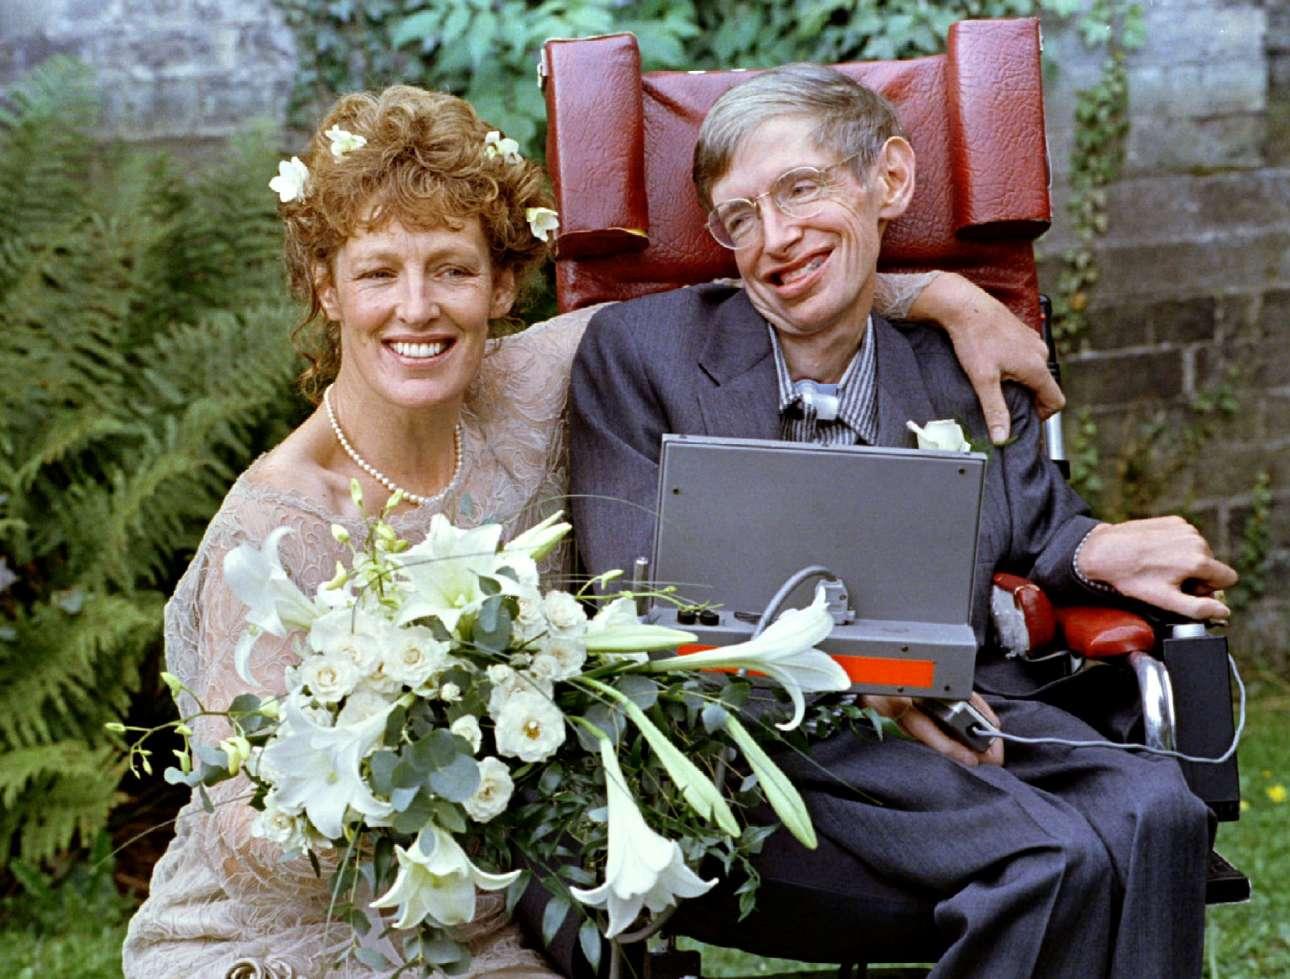 Πέντε χρόνια μετά το διαζύγιο του, ο Χόκινγκ παντρεύτηκε τη νοσοκόμα του Ελέιν Μέισον